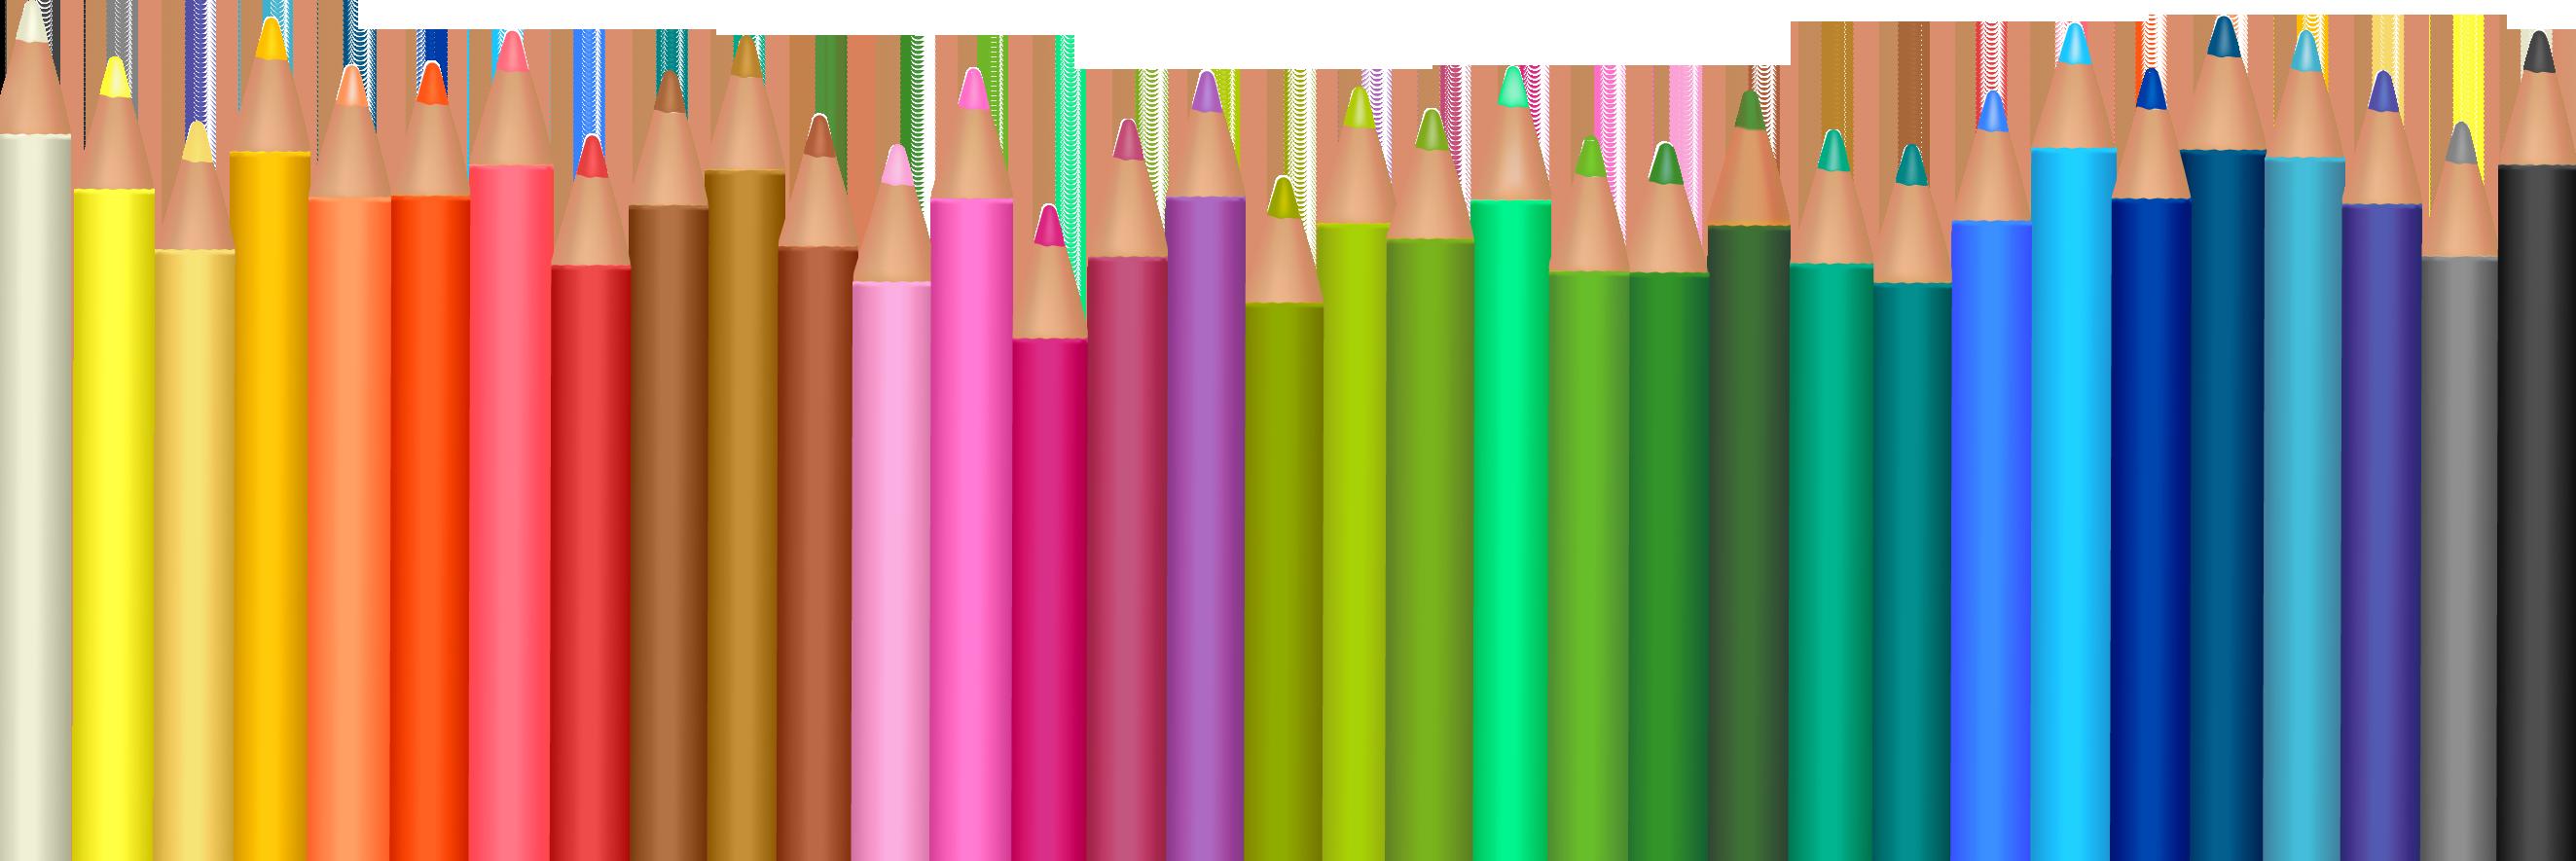 Картинки по запросу карандаши